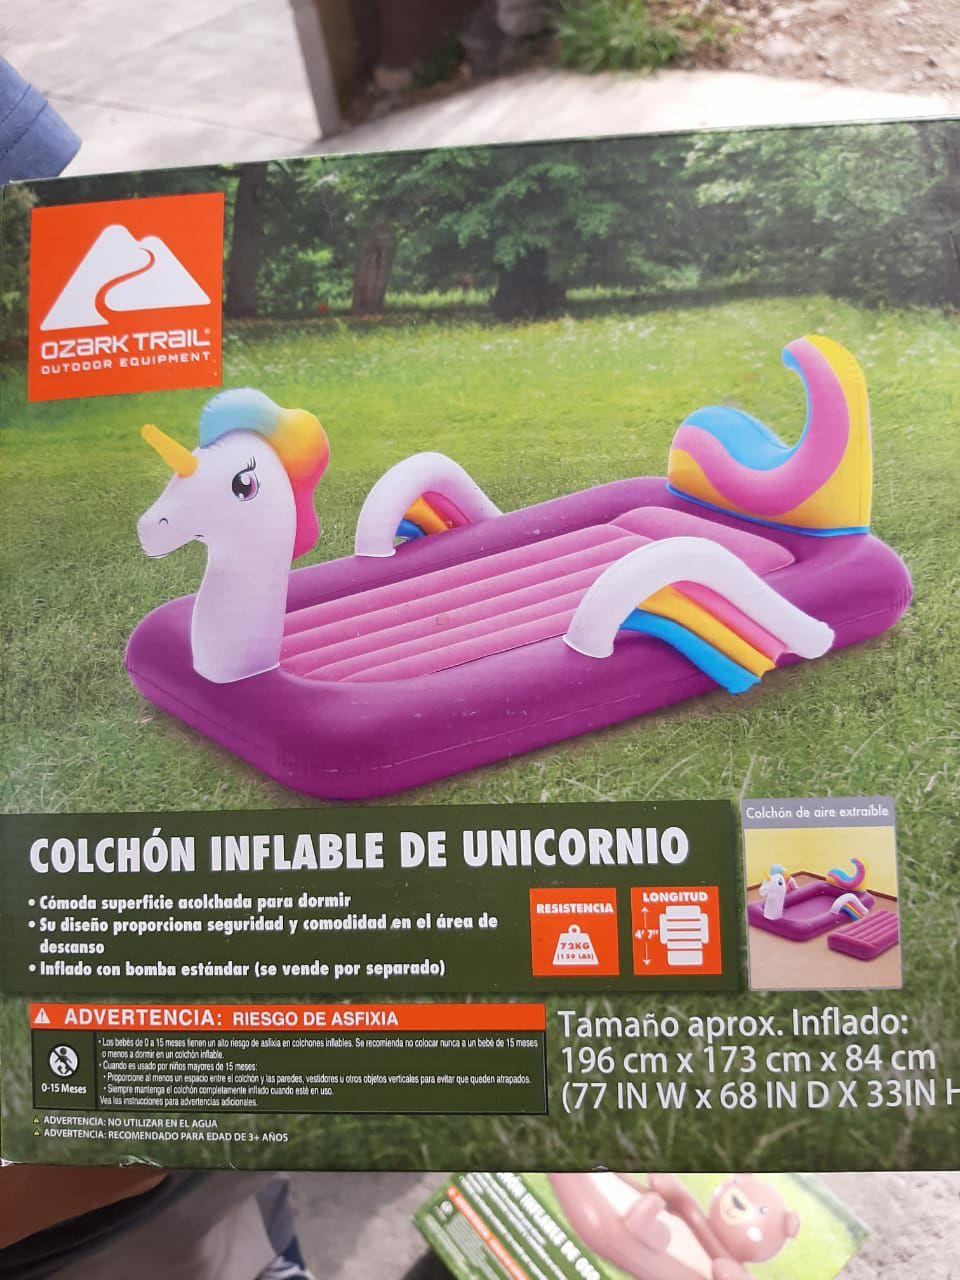 Walmart: colchon inflable unicornio y oso en última liquidación